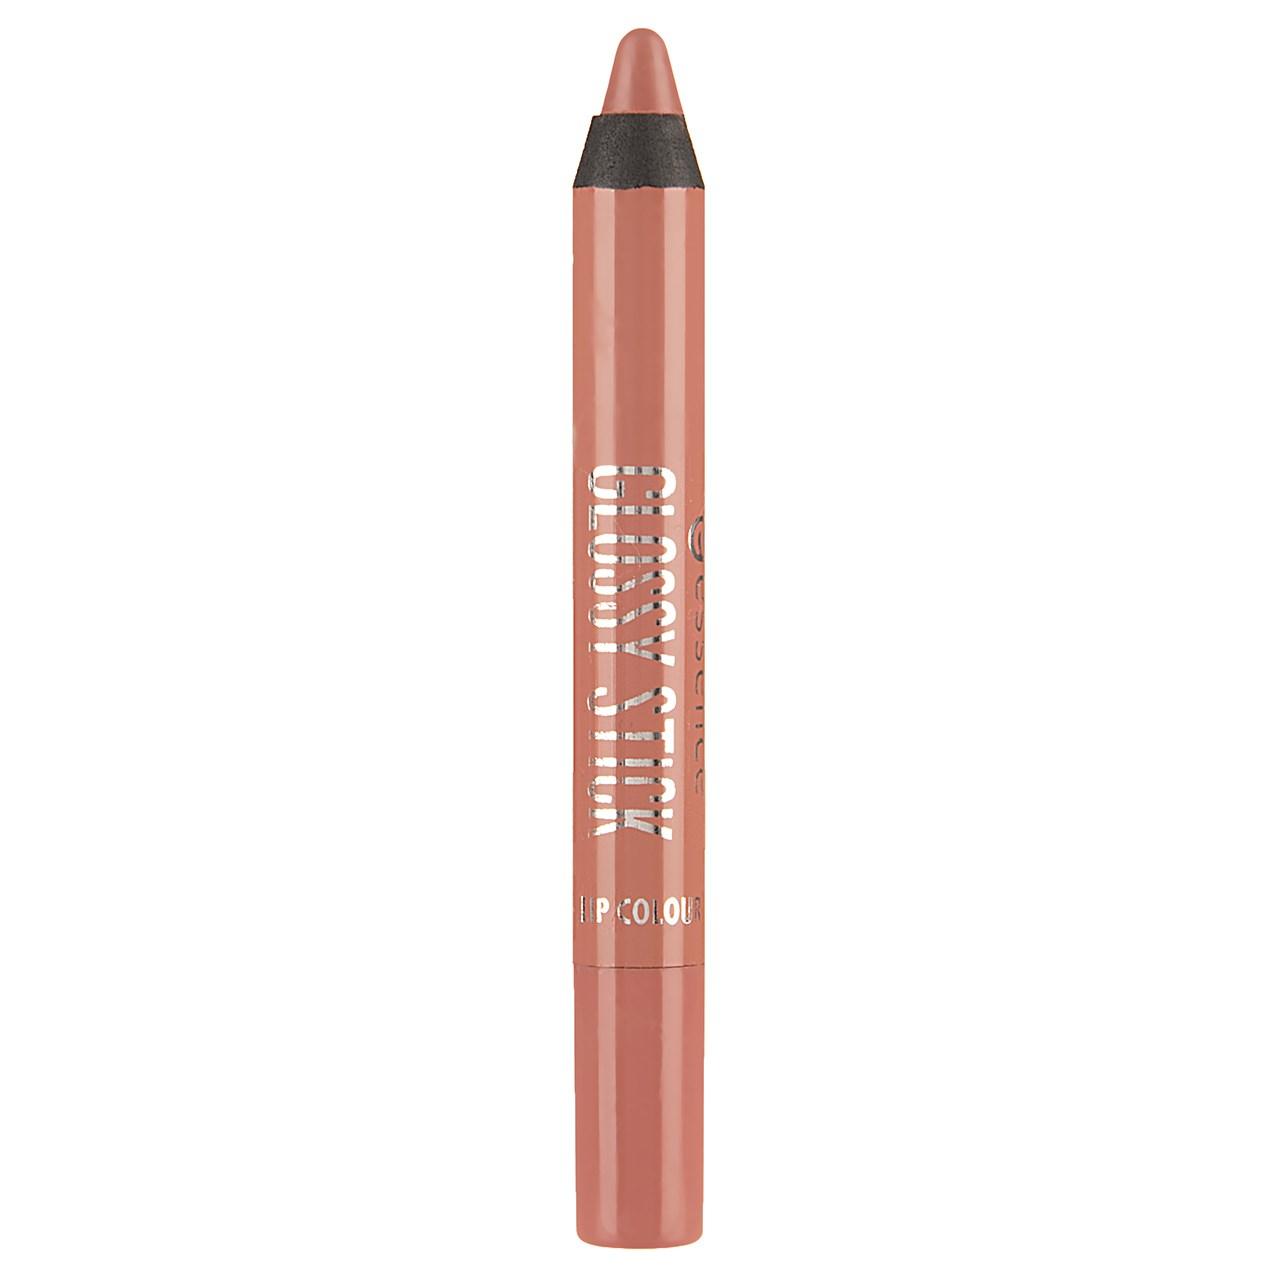 راهنمای خرید رژ لب مدادی اسنس سری Glossy Stick مدل Clear Nude شماره 02 لیست قیمت